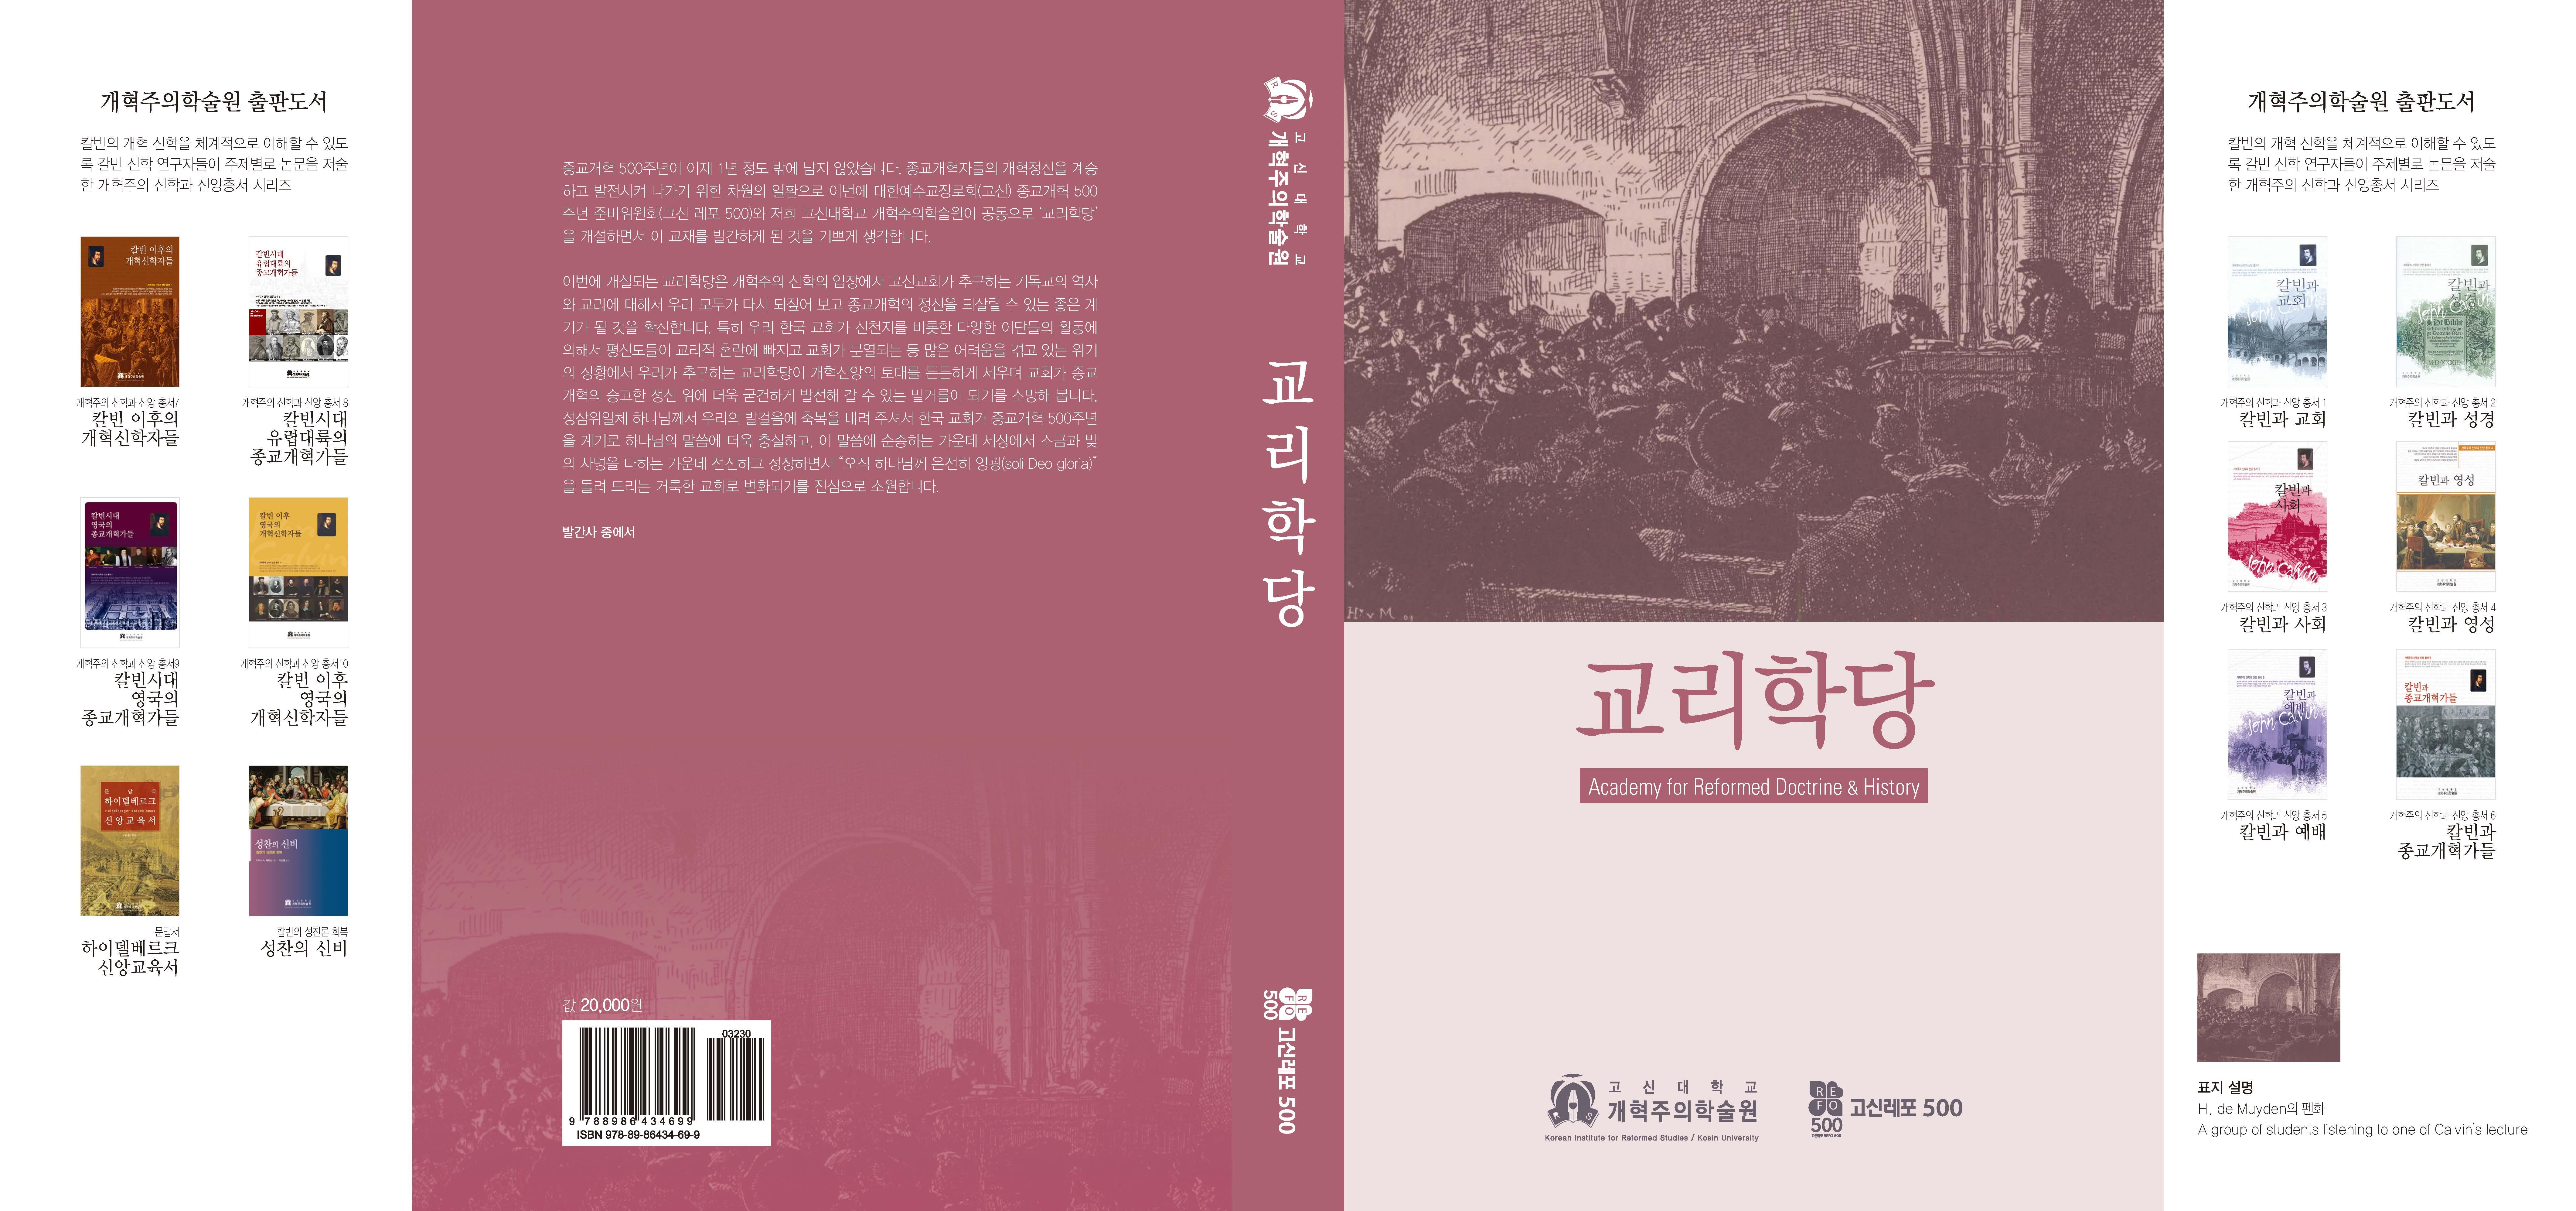 표지교리학당시안2최종복-161019.jpg